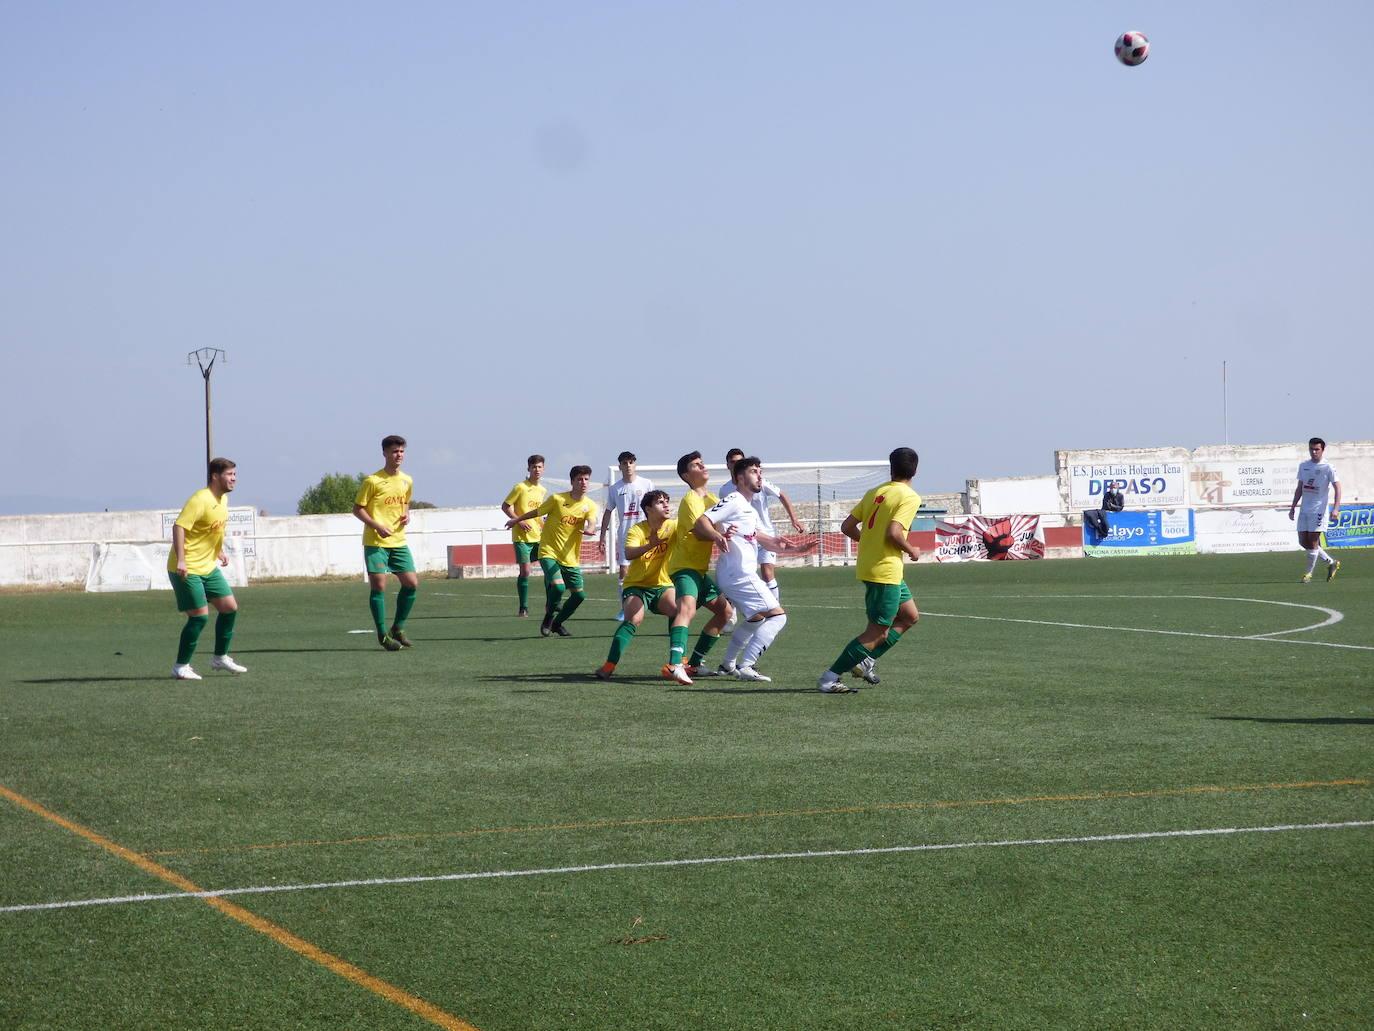 Una victoria, un empate y dos derrotas, balance de los equipos del CD Castuera el pasado fin de semana